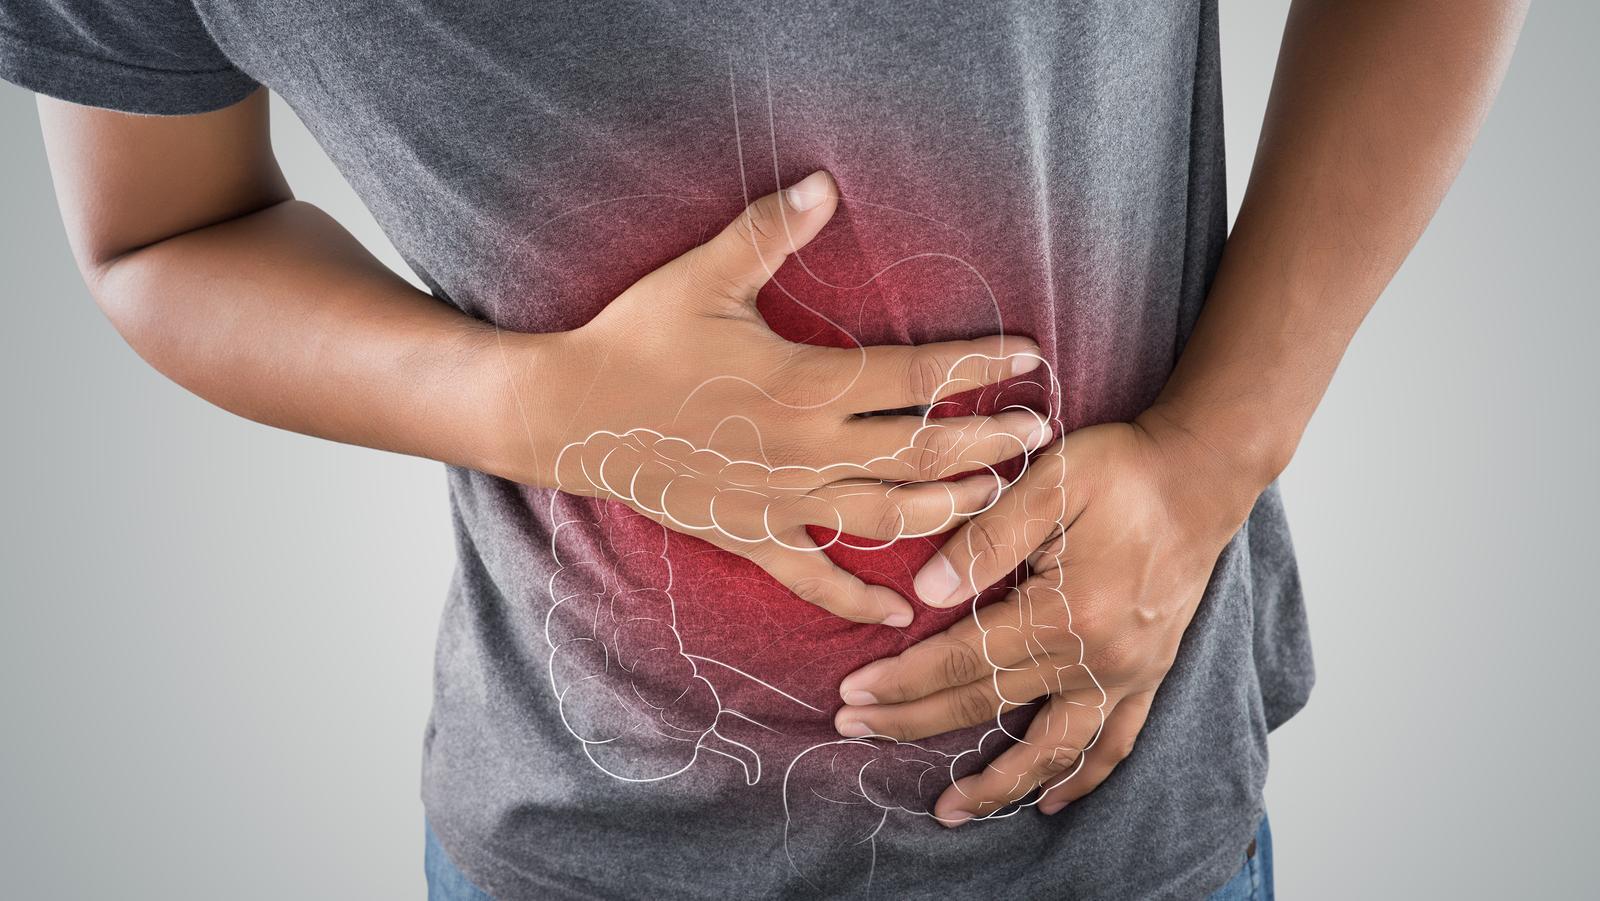 rossz lehelet gyomor hogyan lehet gyógyítani